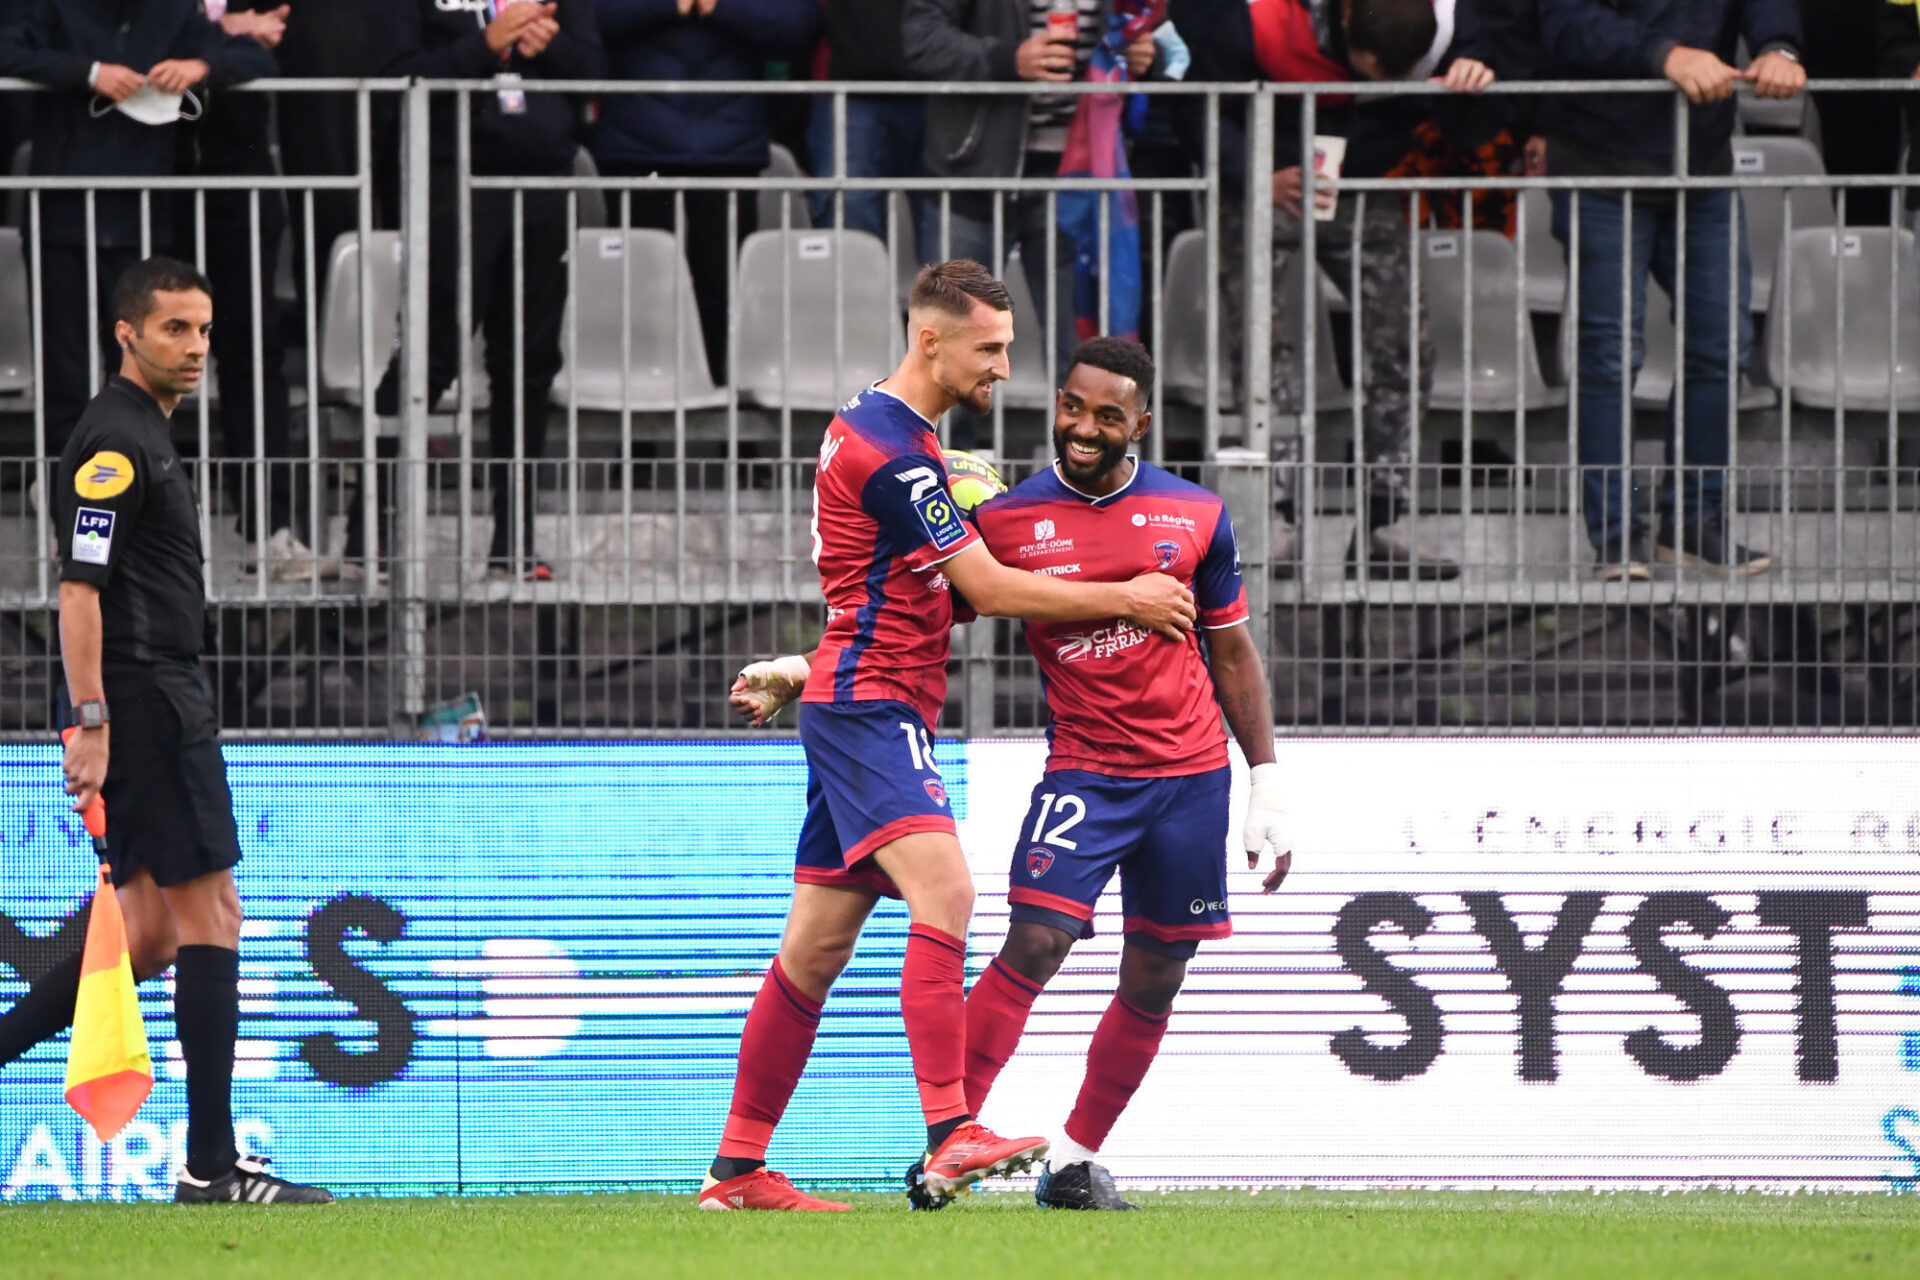 Elbasan Rashani a permis au promu Clermont de glaner un match nul contre Brest. Icon Sport